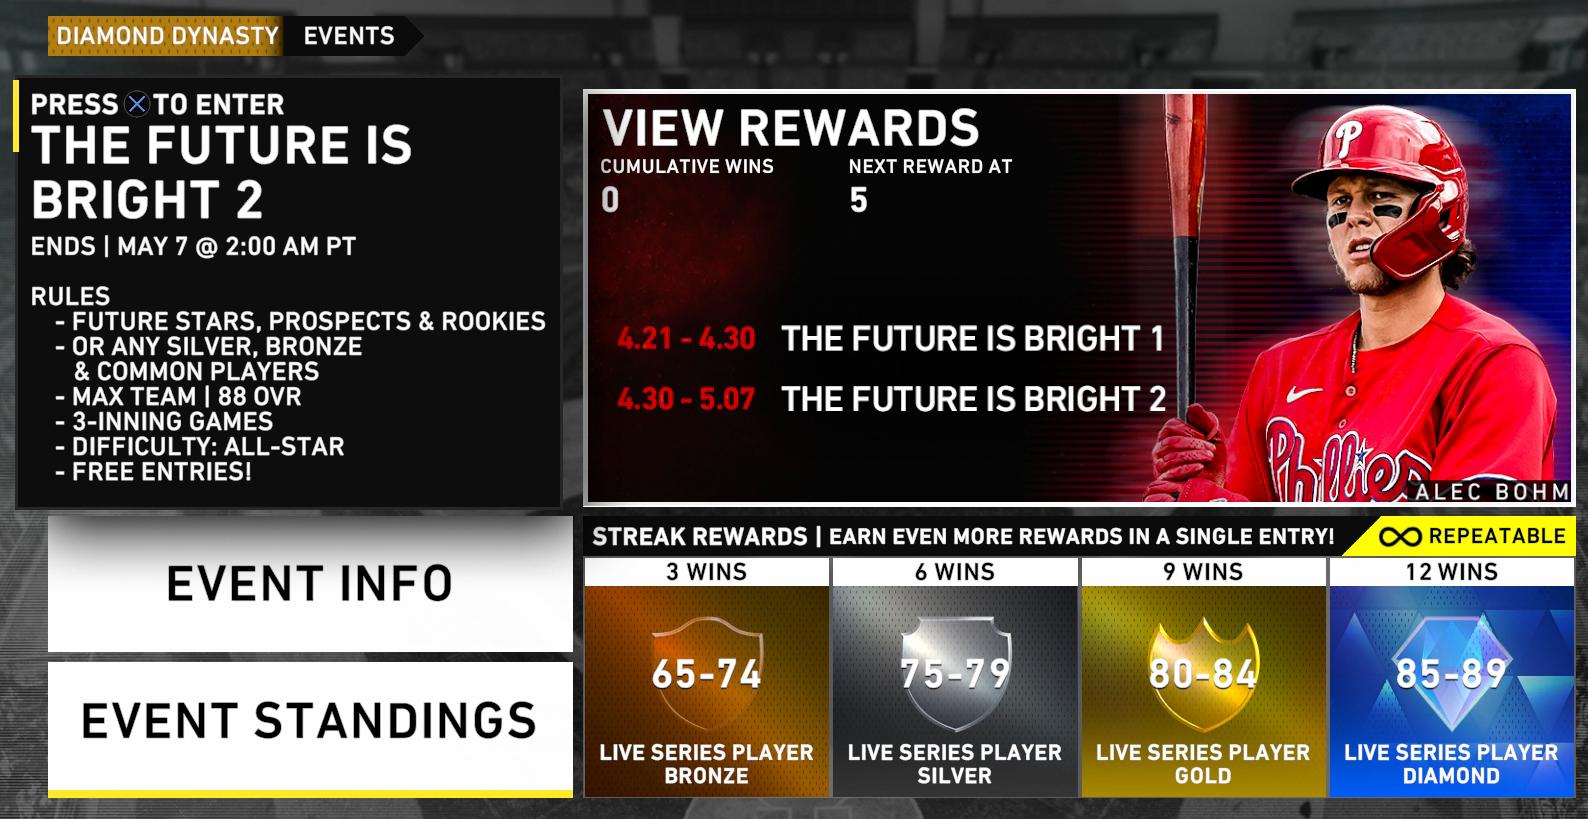 future is bright event 2